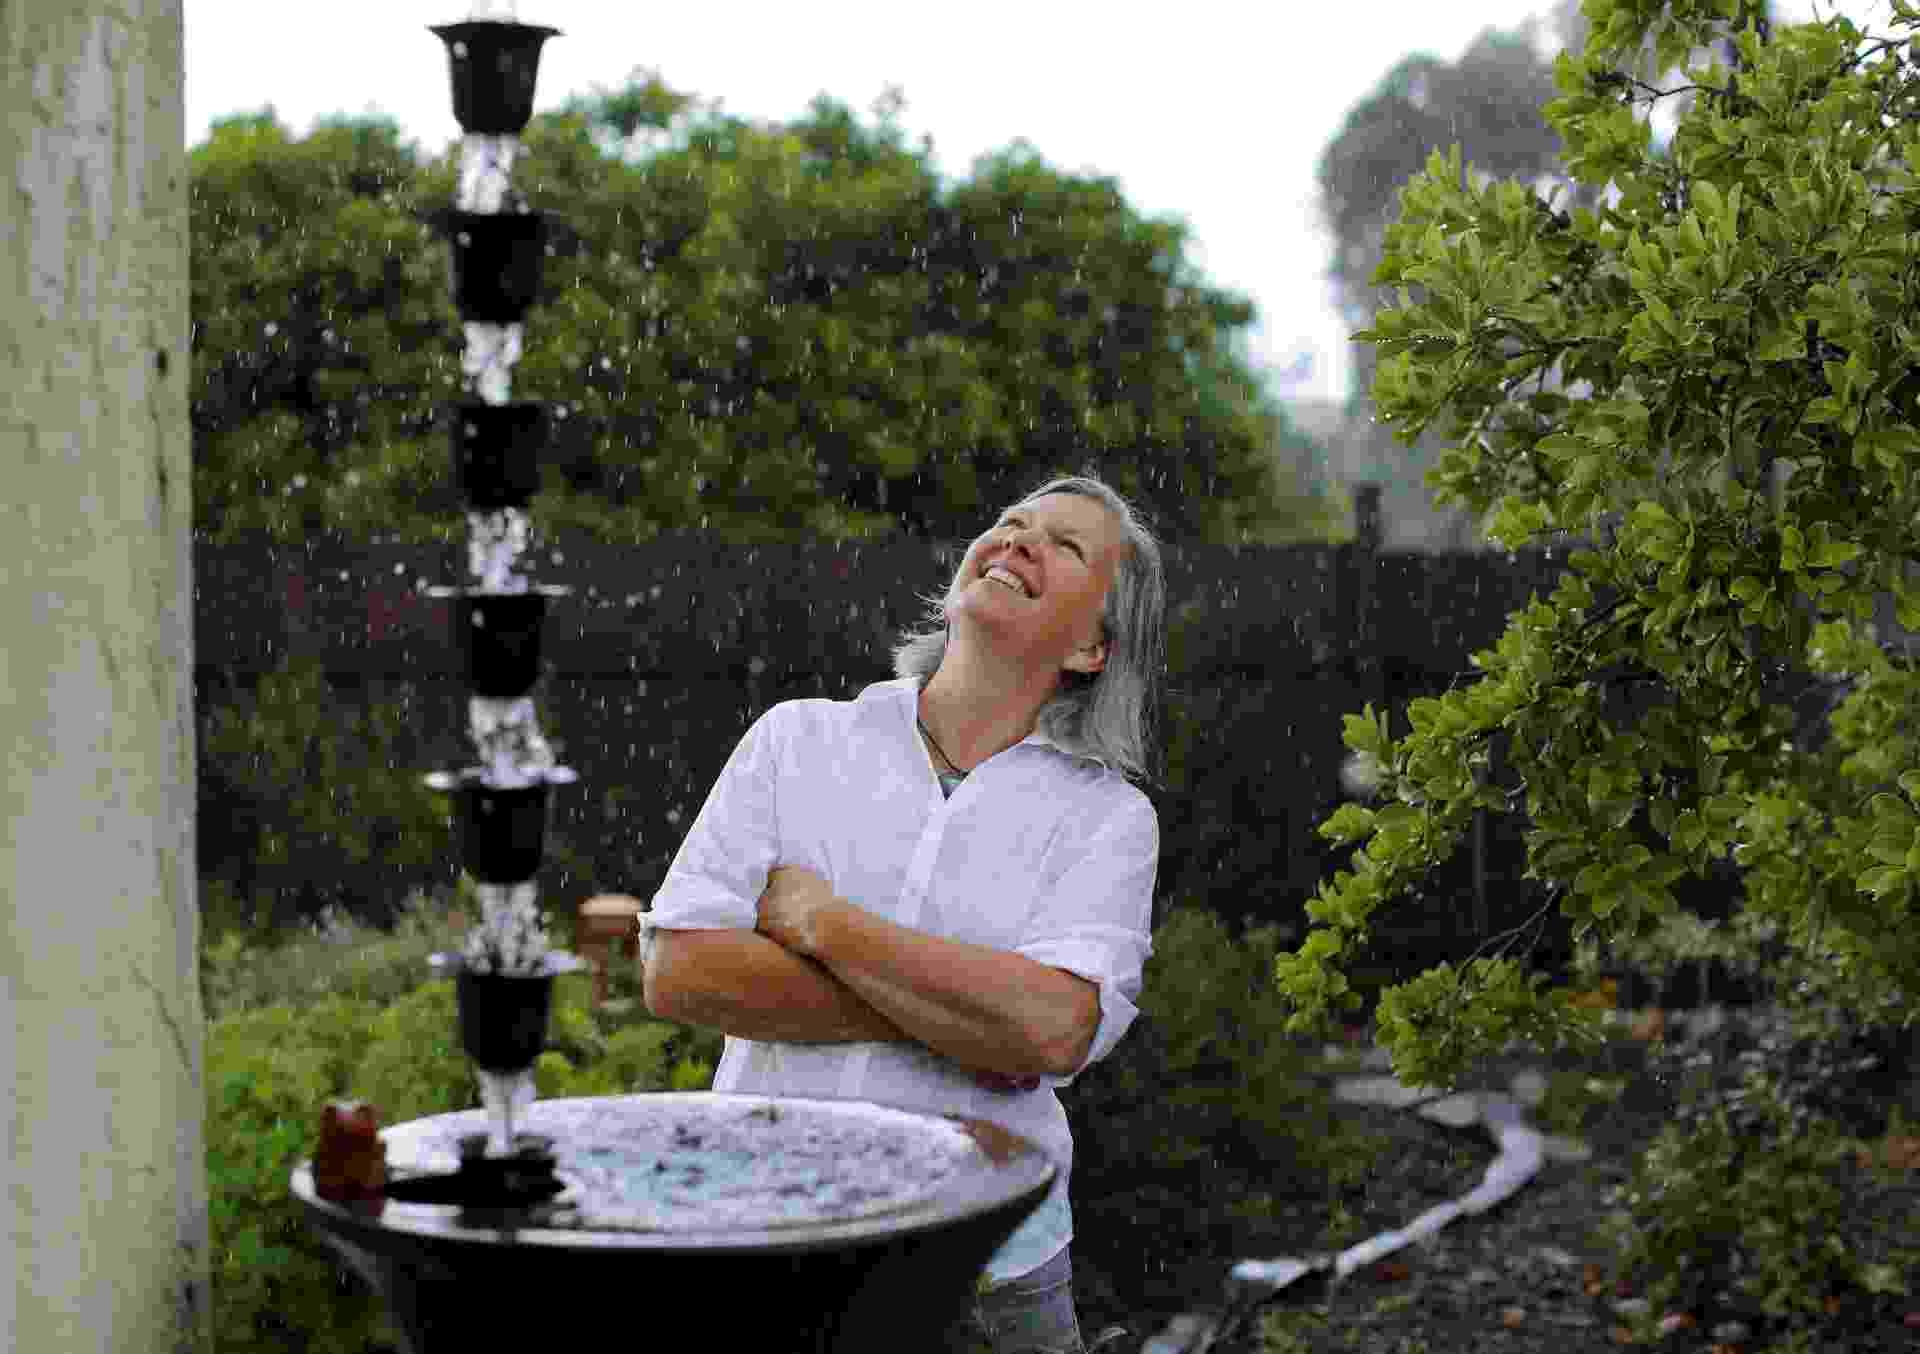 8.mai.2015 - Candace Vanderhoff observa o sistema artesanal de coleta de água de chuva criado por ela em sua casa em San Diego, na Califórnia (EUA). Candece criou a RainThanks, uma empresa que ajuda os californianos a lidarem com a pior seca da história do Estado norte-americano - Mike Blake/Reuters